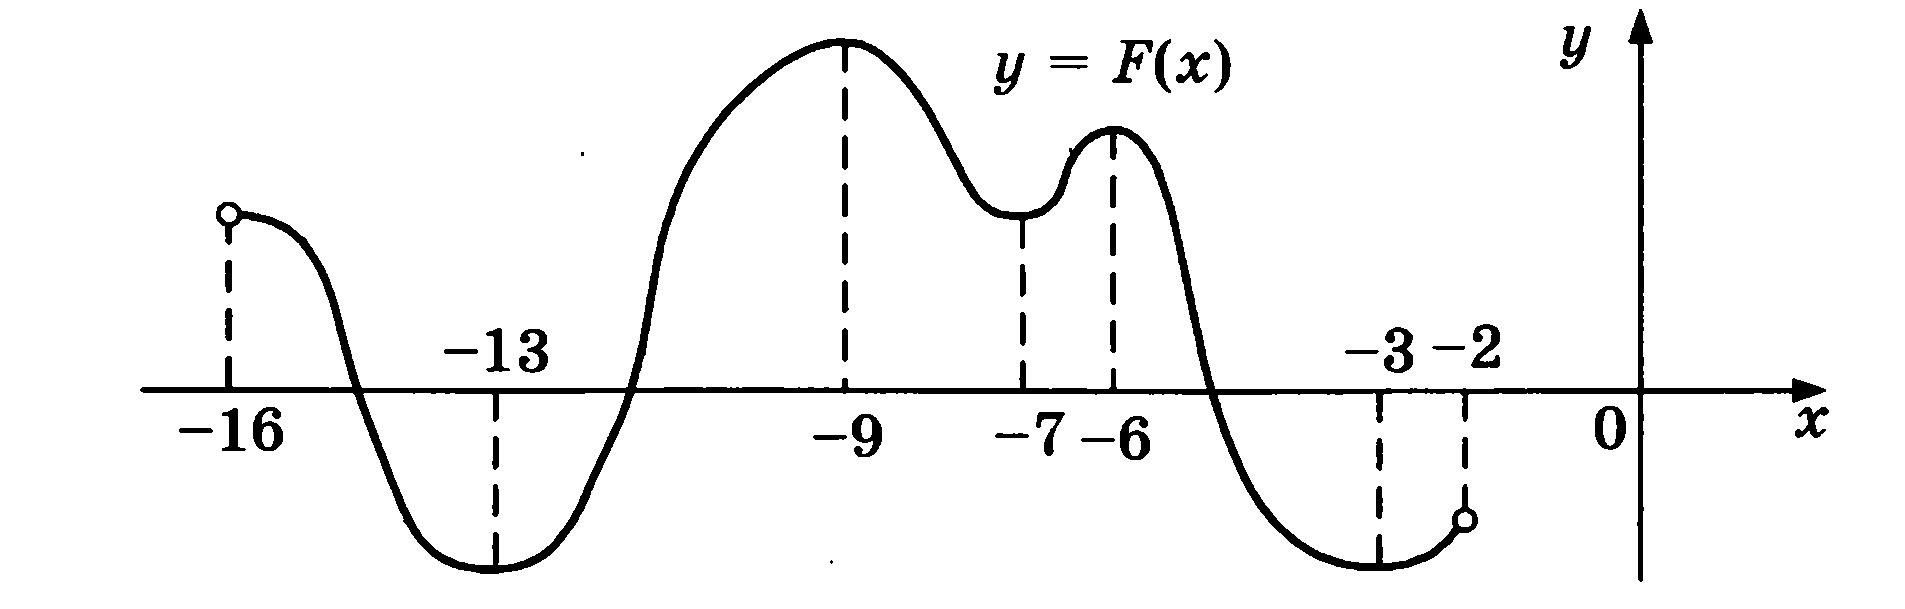 Итоговая контрольная работа по математике класс в формате ЕГЭ